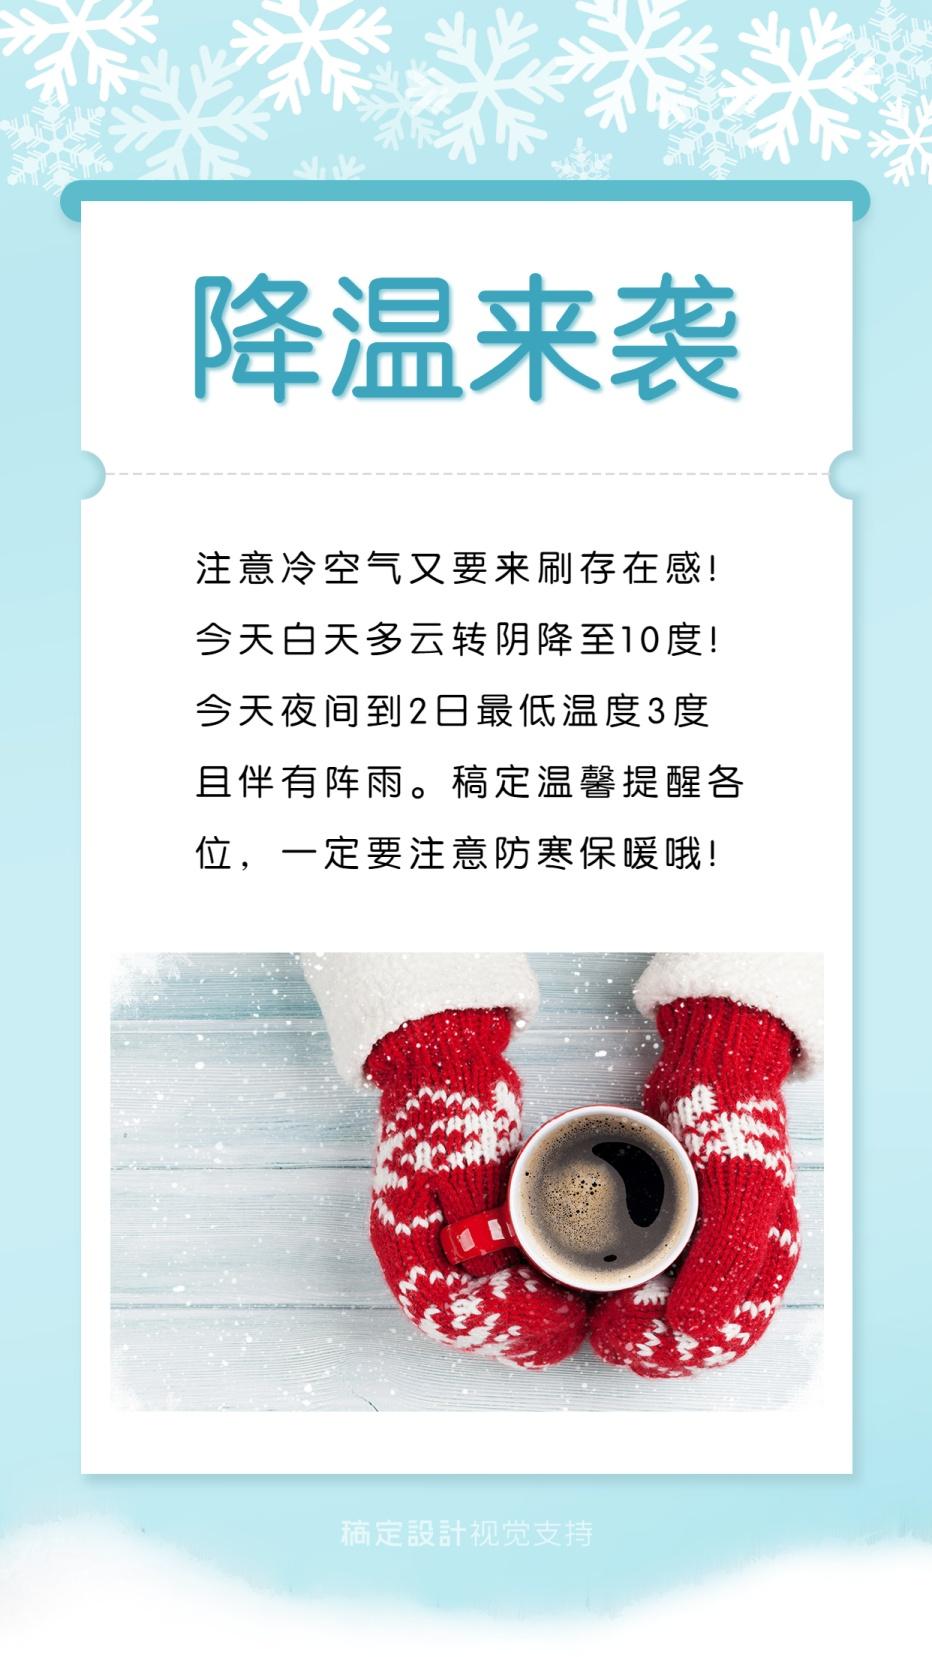 冬季暖心降温提醒